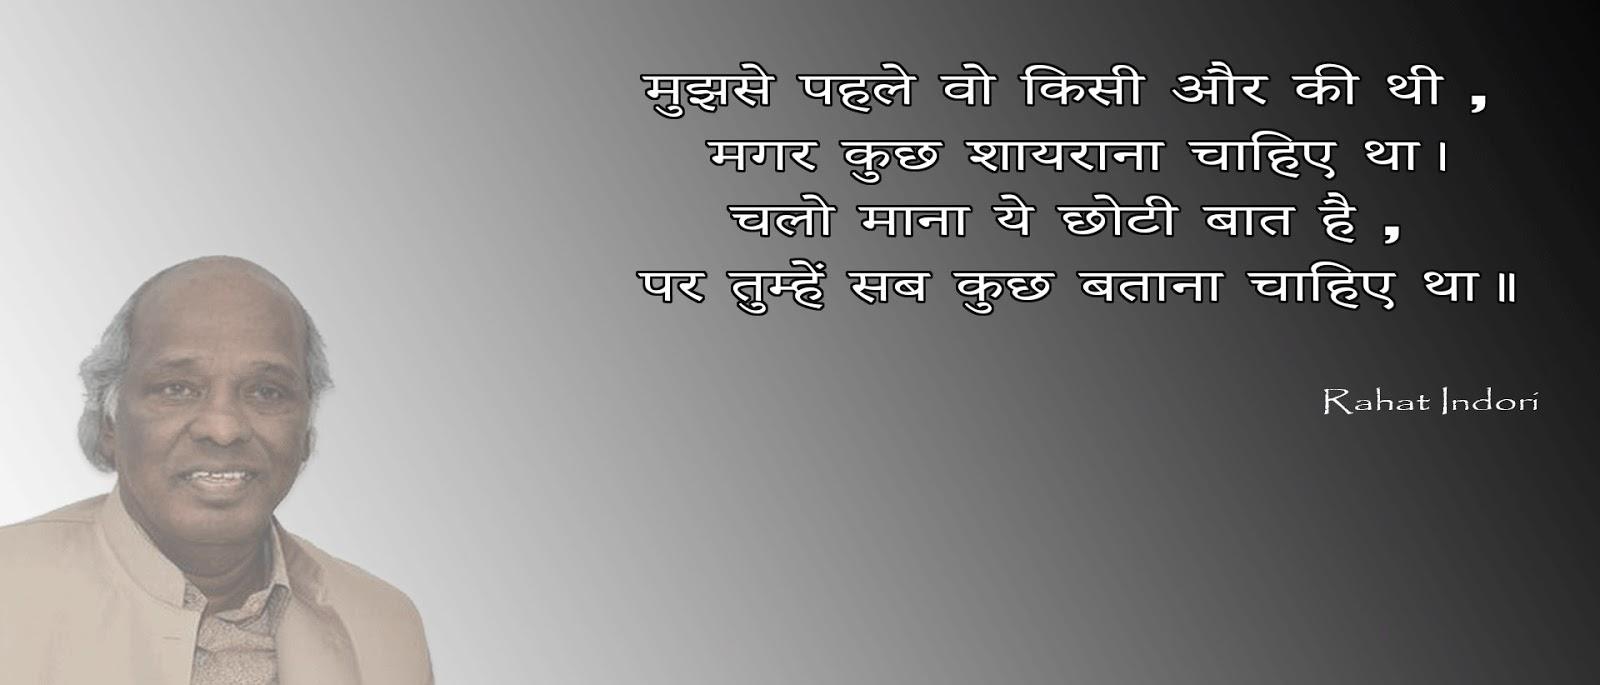 Rahat Indori मुझसे पहले वो किसी और की थी , मगर कुछ शायराना चाहिए था । ।